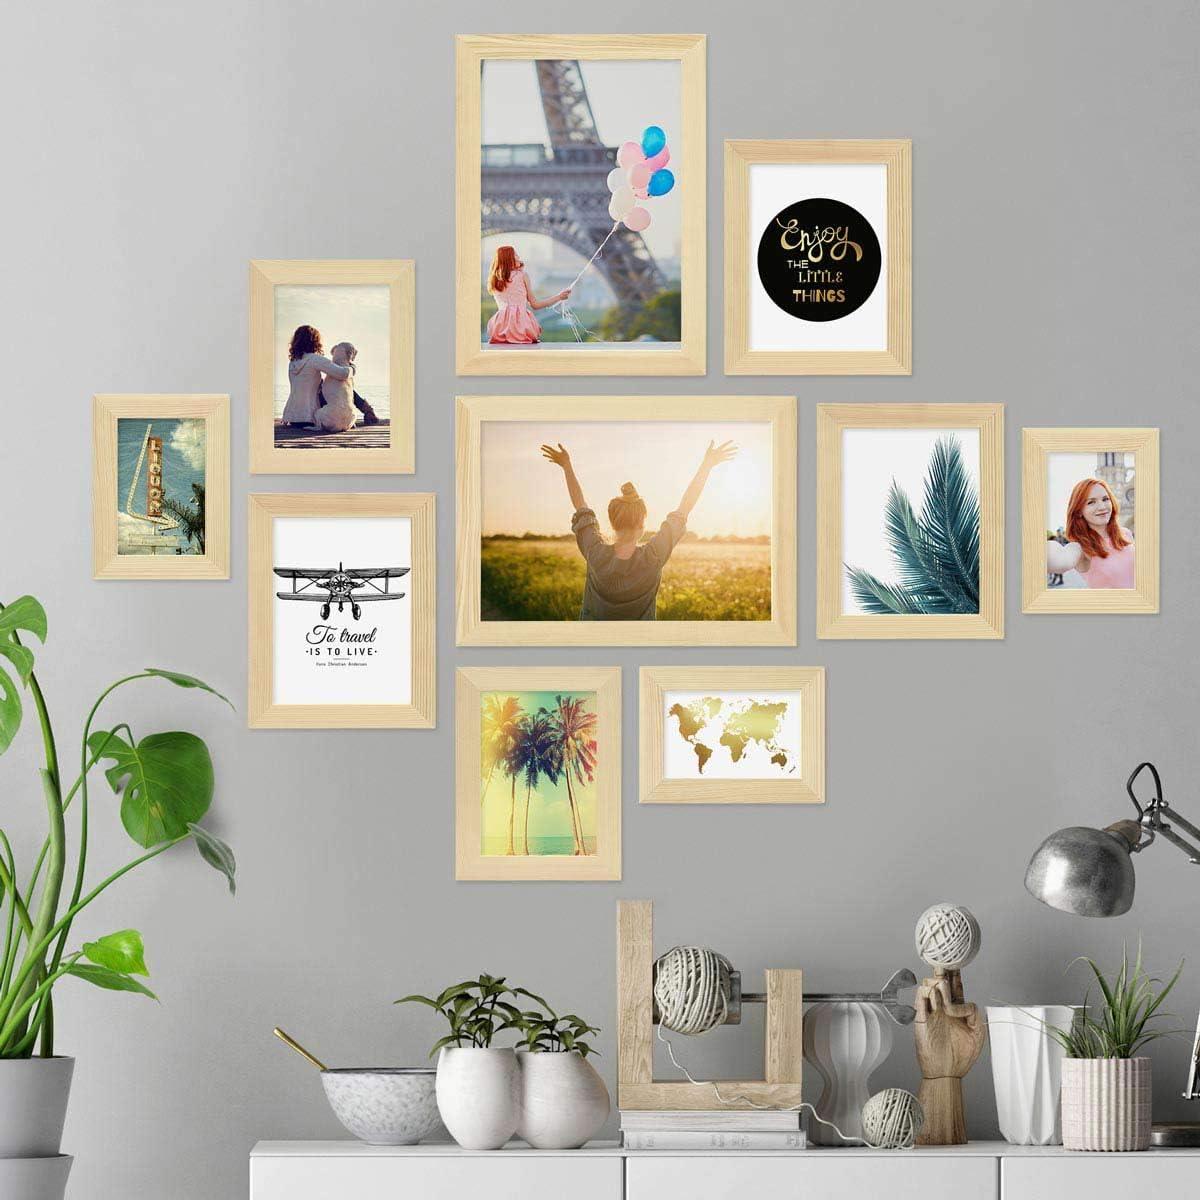 Photolini Juego de 3 Marcos 30x30 cm Basic Collection Modernos Incluyendo Accesorios//Collage de Fotos//galer/ía de im/ágenes Negros de MDF